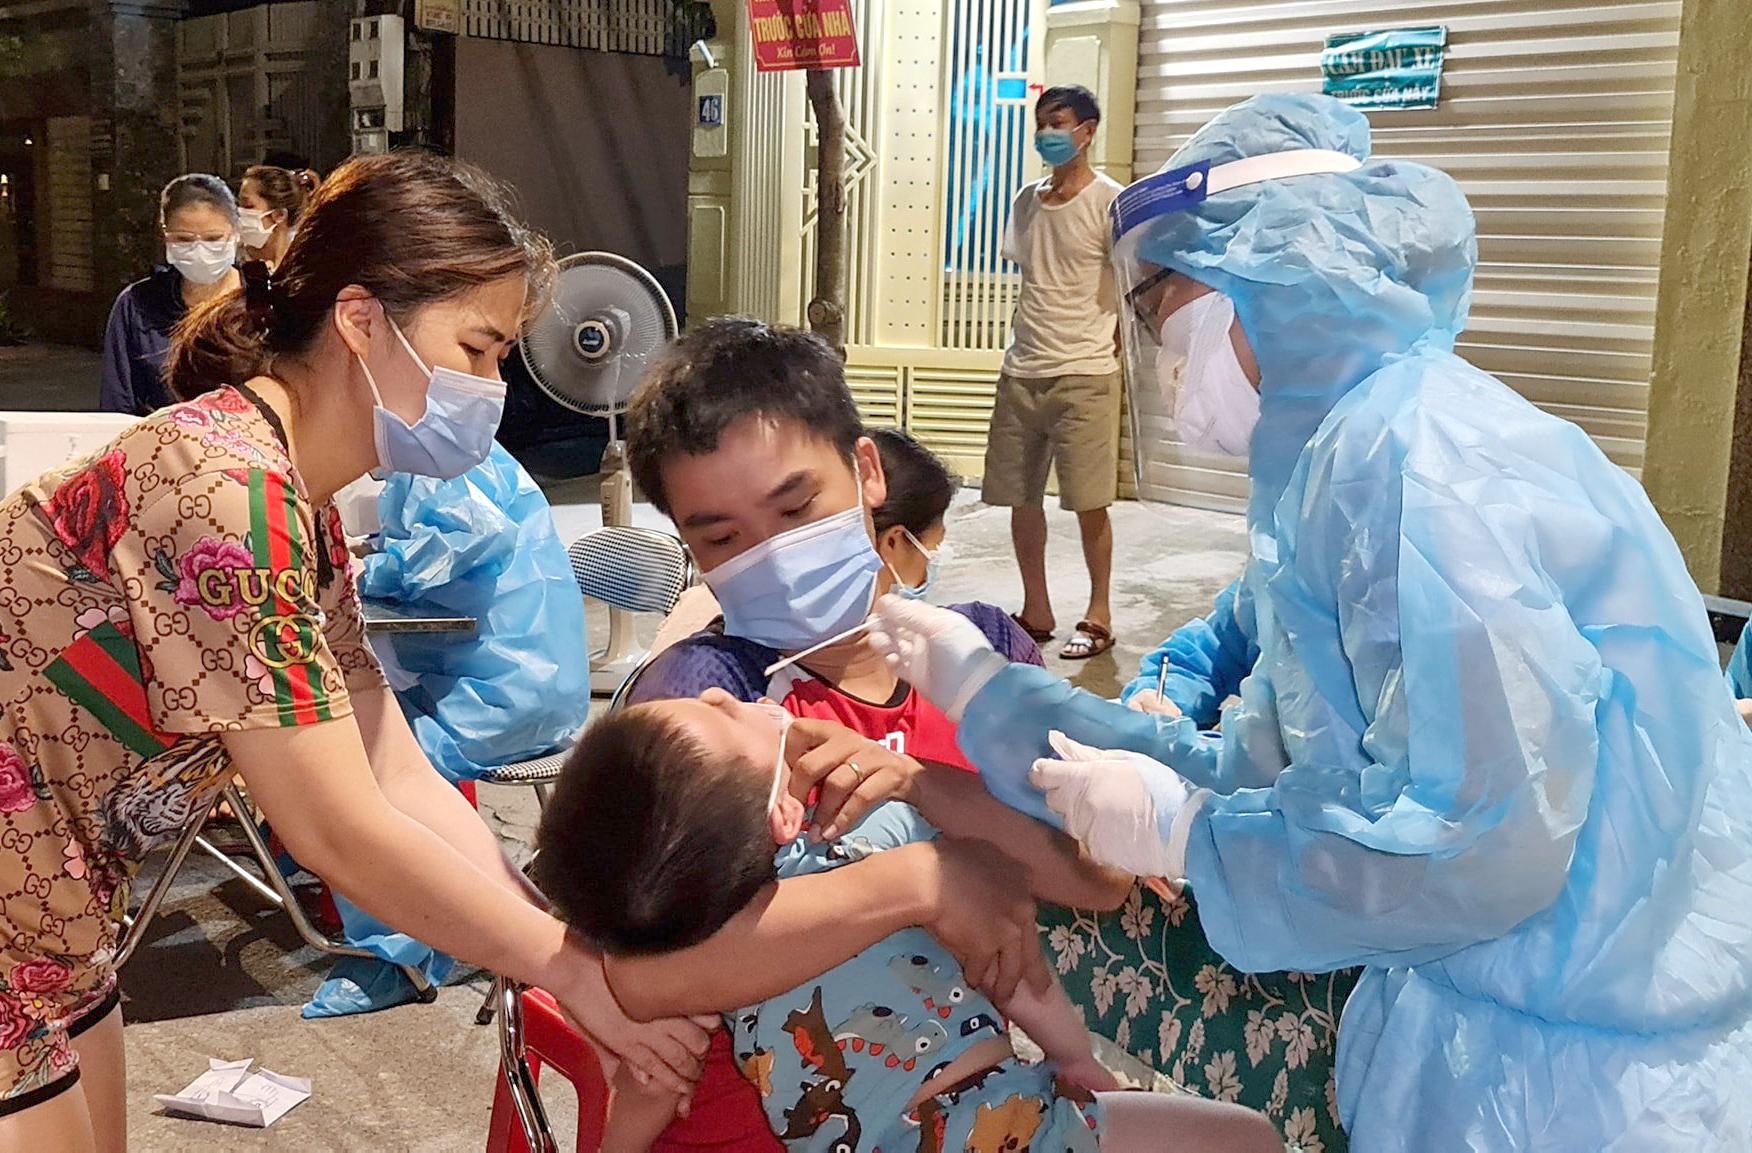 Từ ngày 13/6 đến nay, Nghệ An đã ghi nhận 105 trường hợp dương tính với SARS-CoV-2